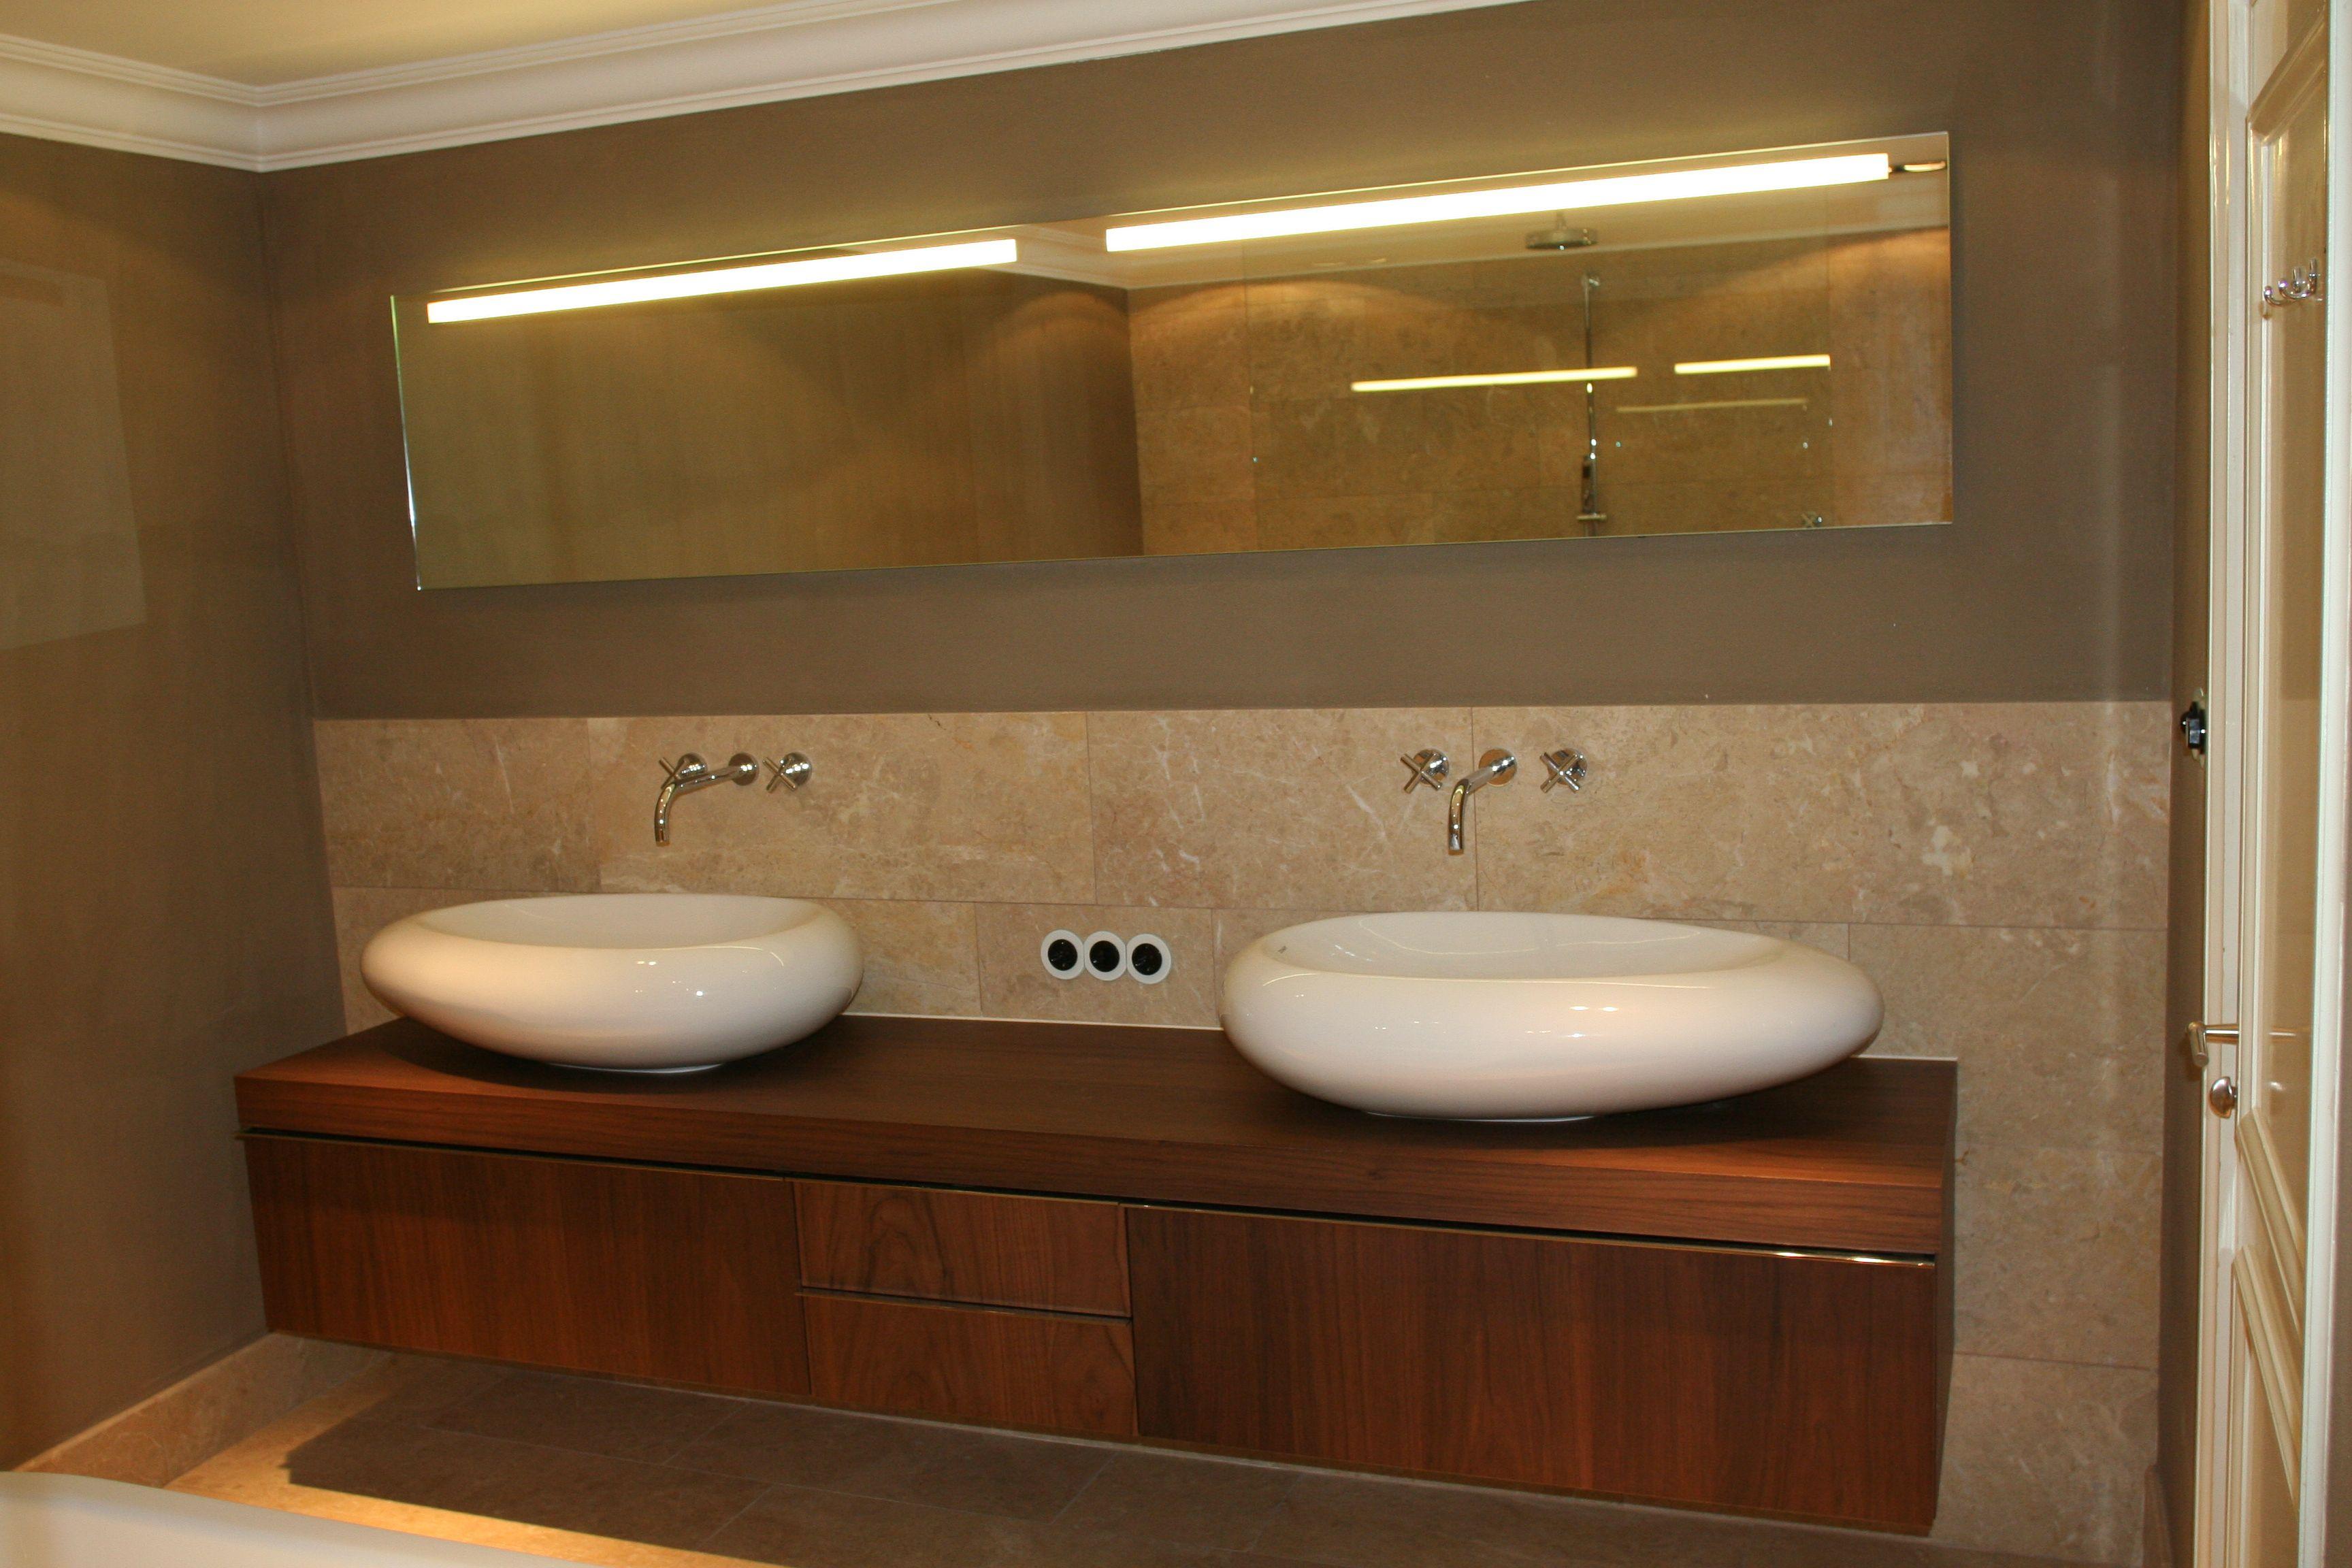 Inloopdouche Met Opzetwastafel : Badkamer van natuursteen met inloopdouche en vrijstaand bad